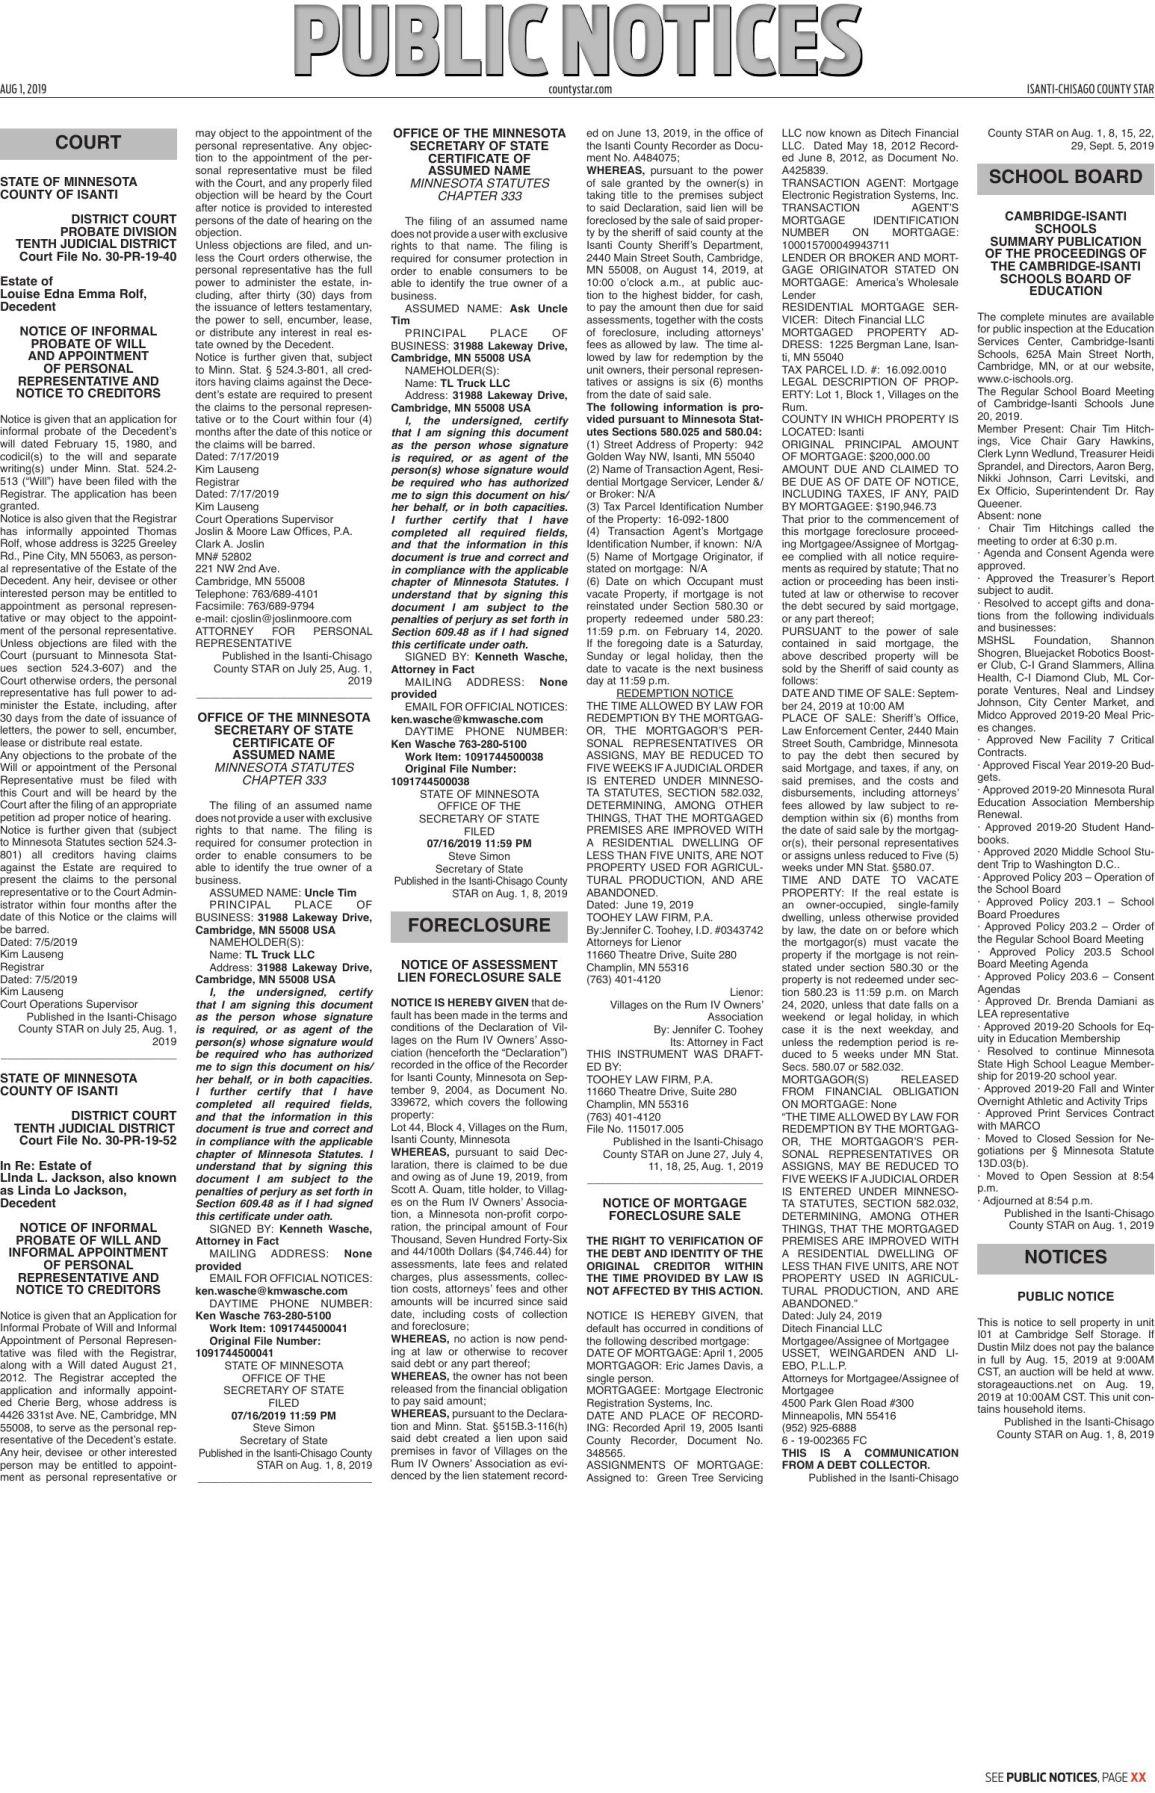 Public Notices - Aug. 1, 2019